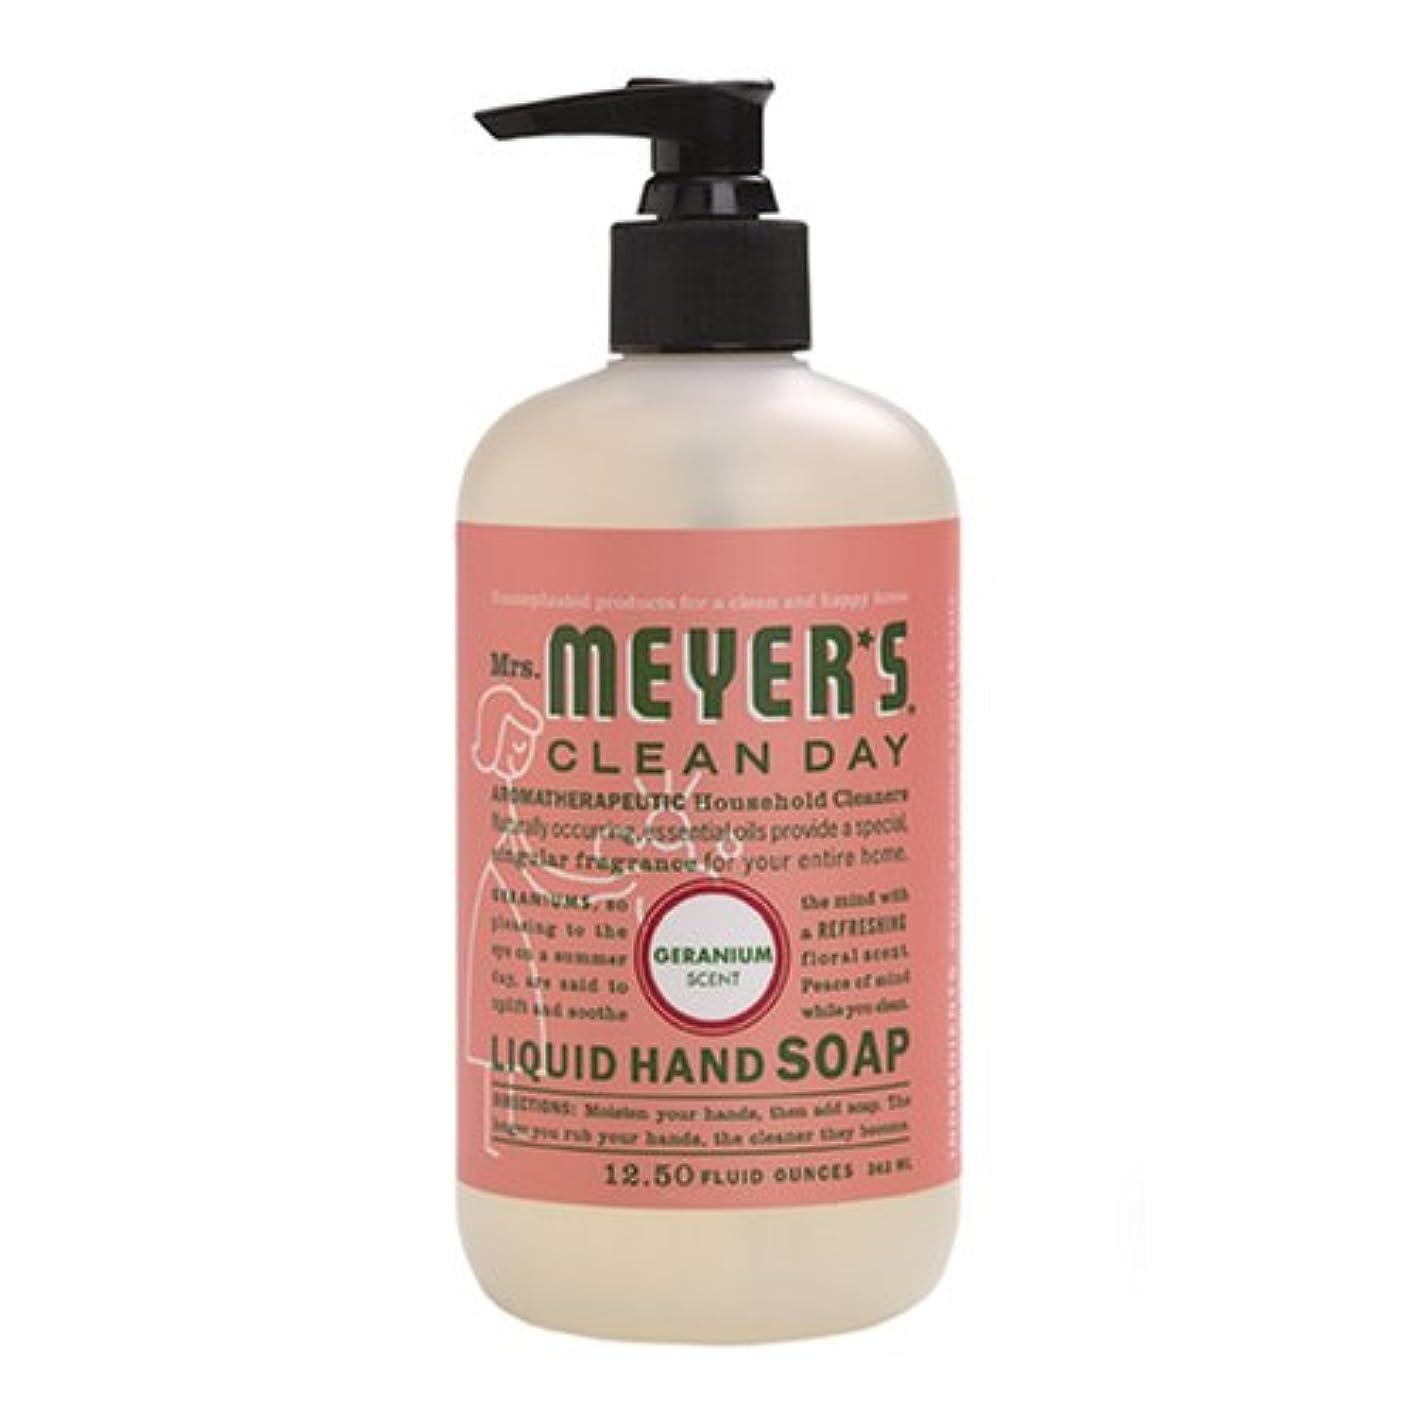 誤解を招く国家達成Mrs. Meyers Clean Day, Liquid Hand Soap, Geranium Scent, 12.5 fl oz (370 ml)